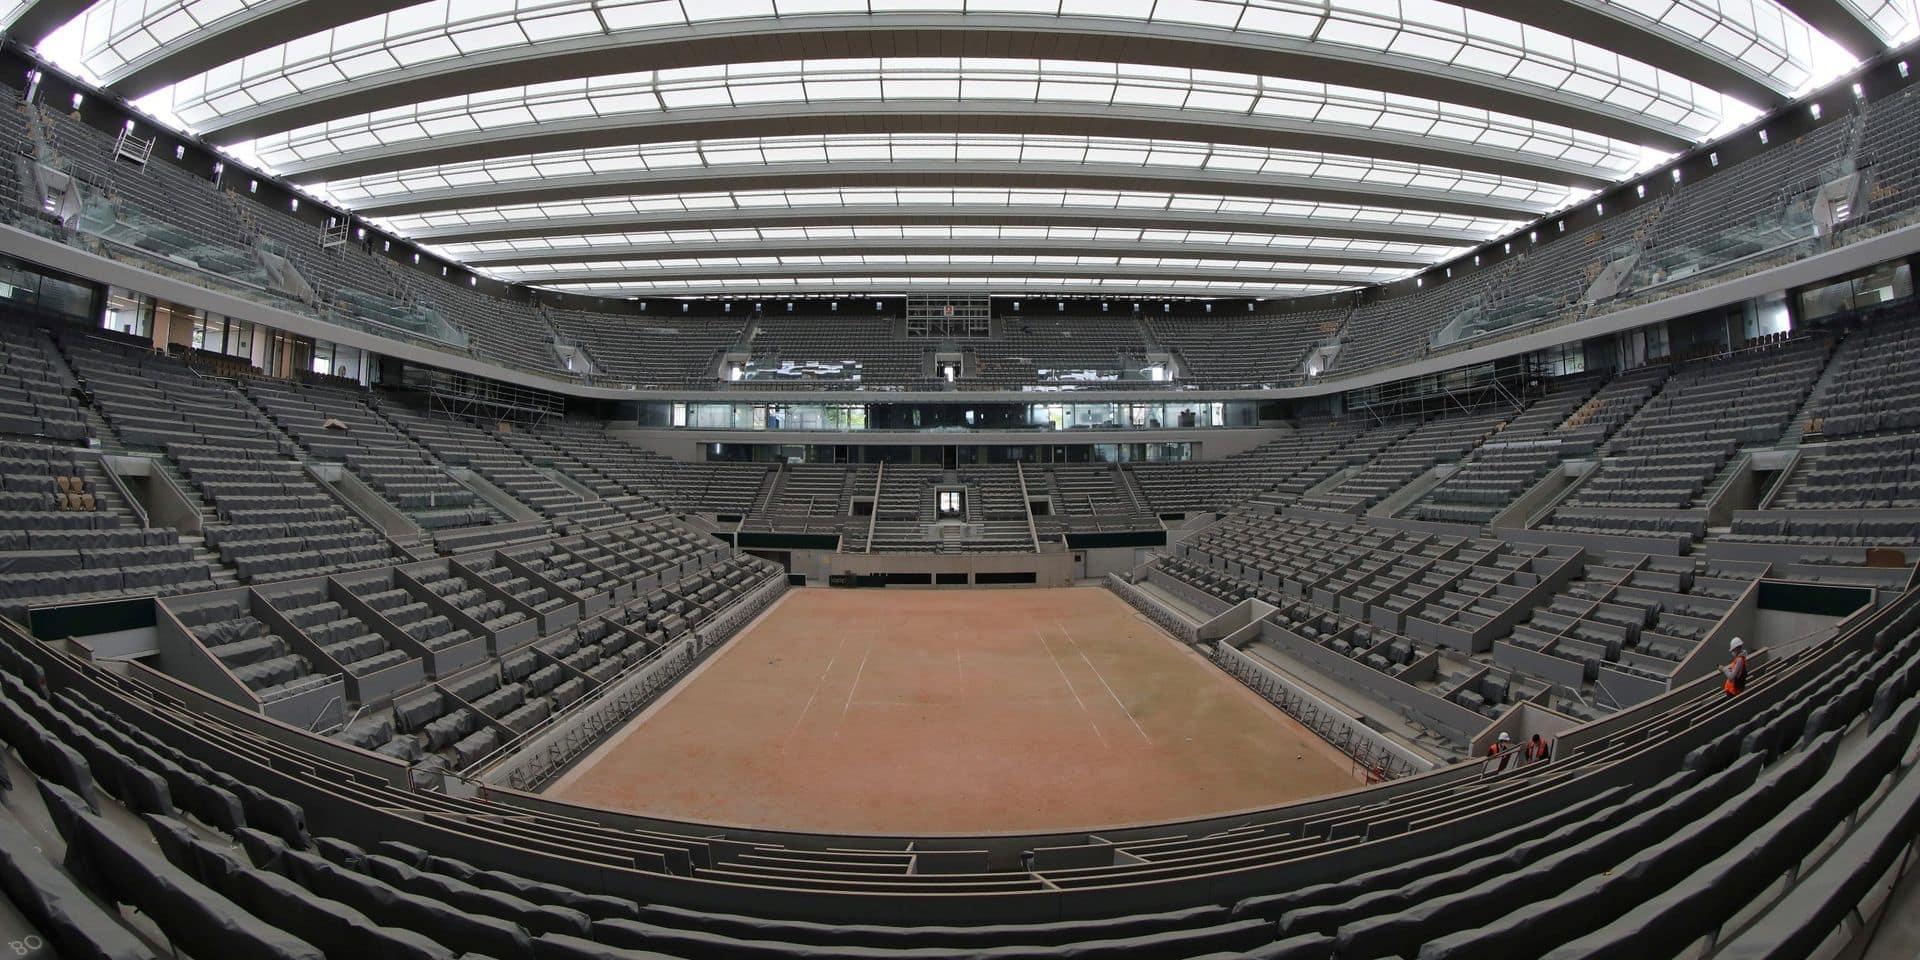 A quoi faut-il s'attendre pour le prochain Roland-Garros? La nouvelle patronne du tournoi lève un coin du voile